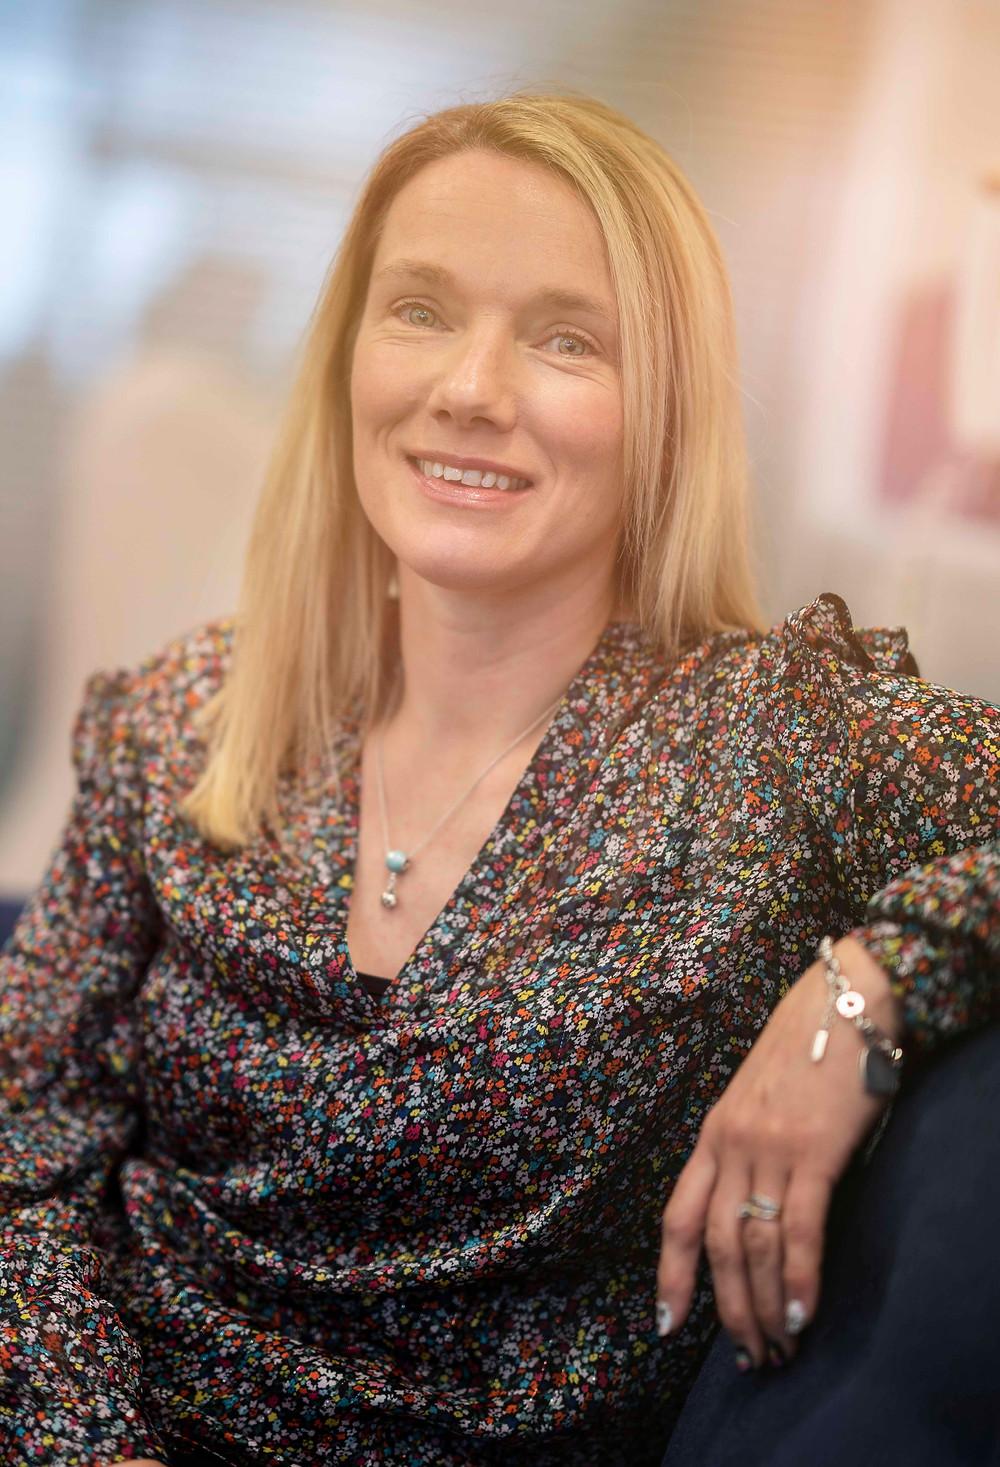 Portrait of Kelly Blyth